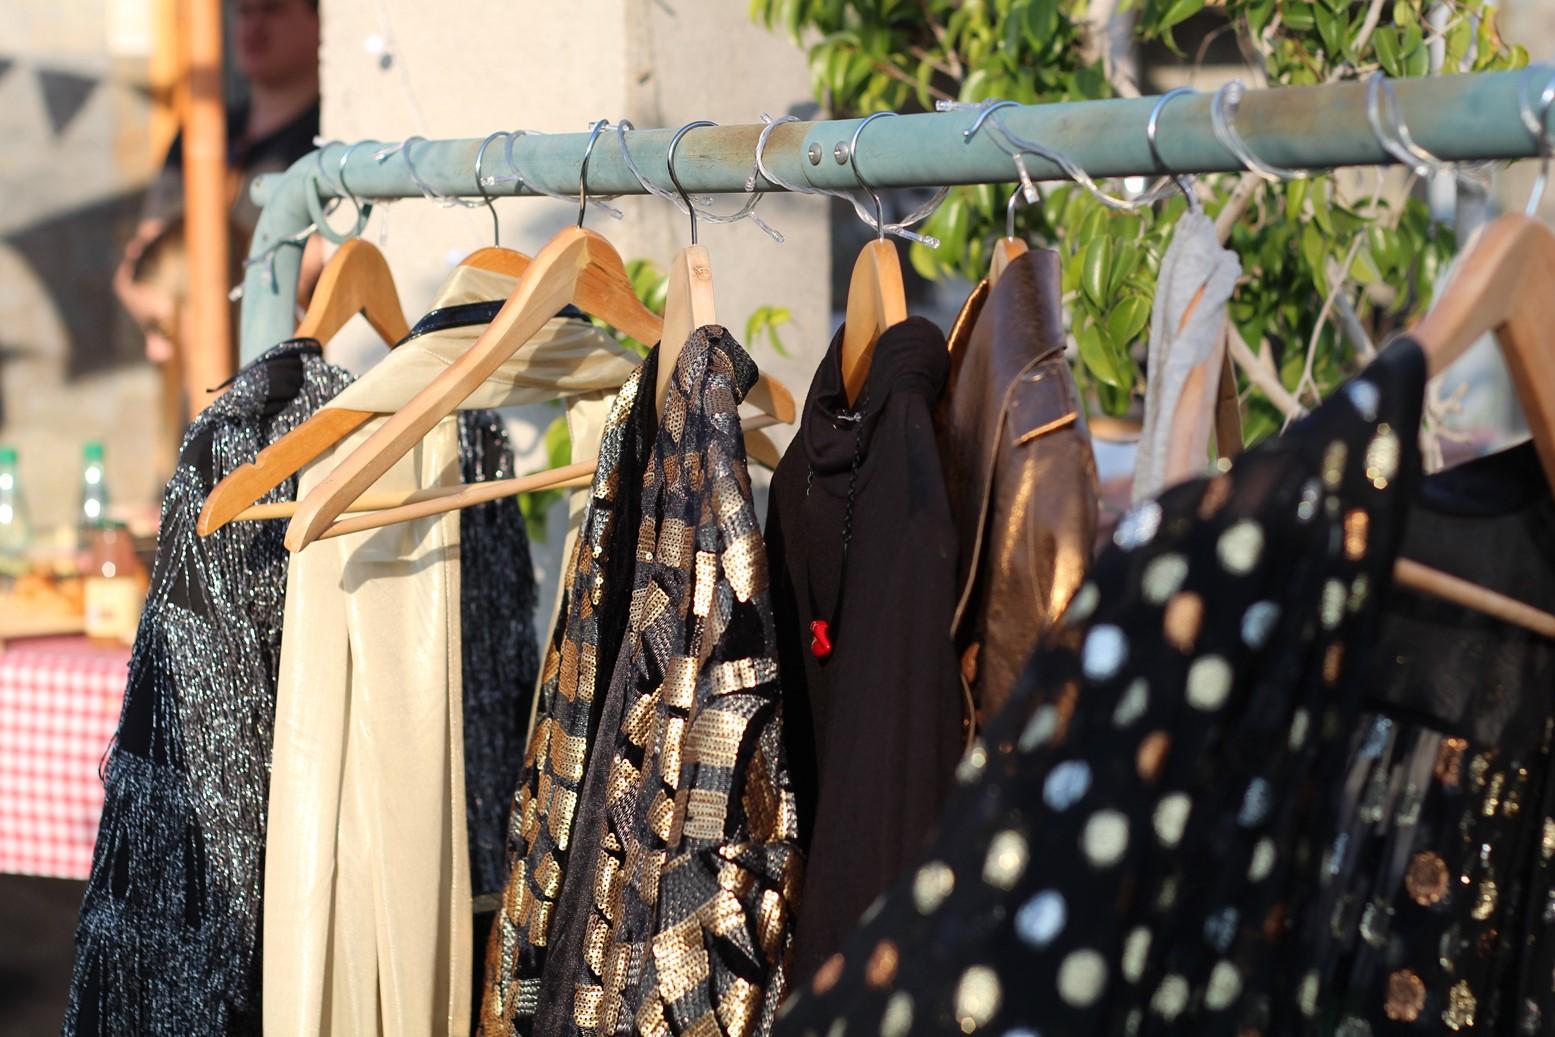 Algunas de las prendas que se fotografiaron en el taller